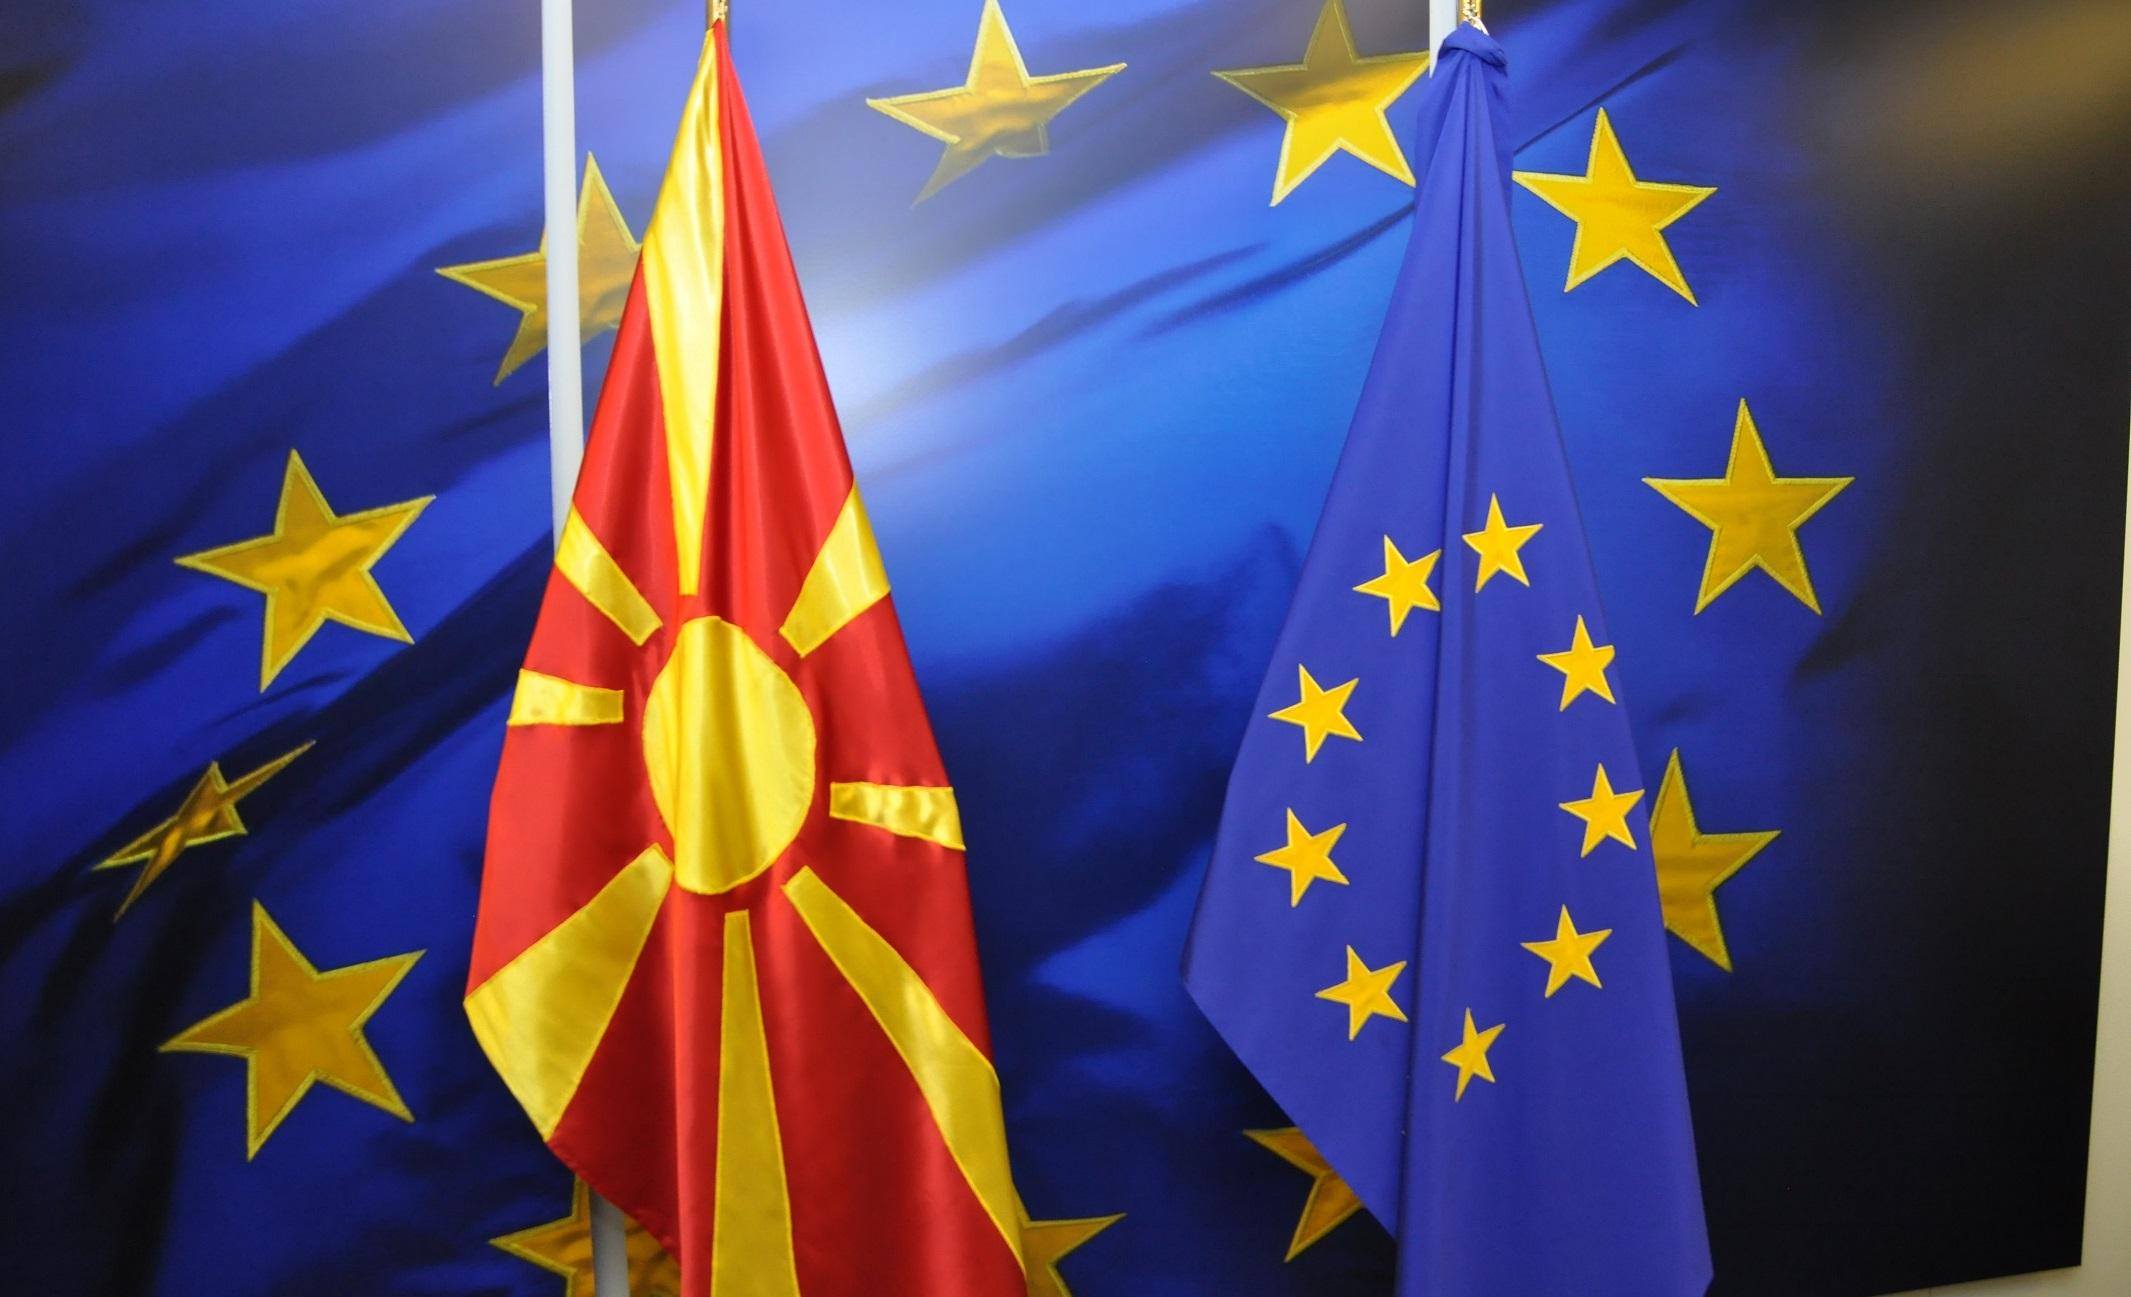 Εν αναμονή της έκθεσης προόδου της ΕΕ στα Σκόπια